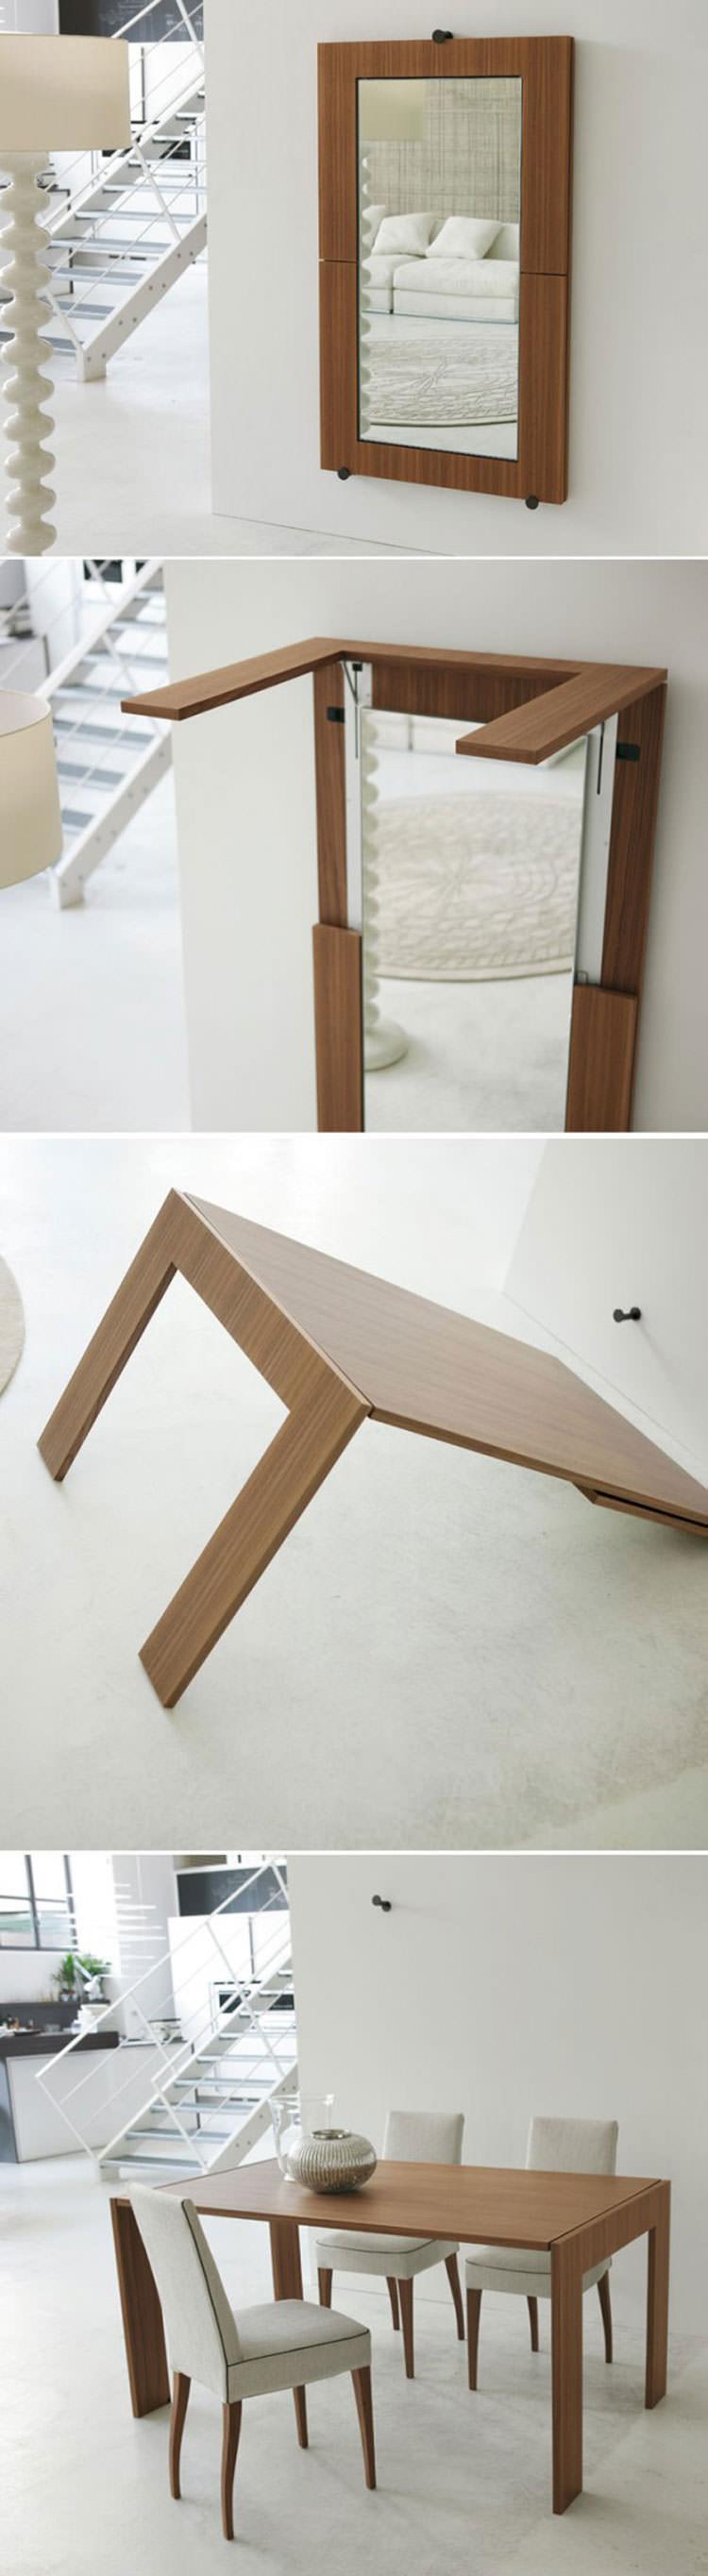 Tavolo allungabile dal design moderno n.13